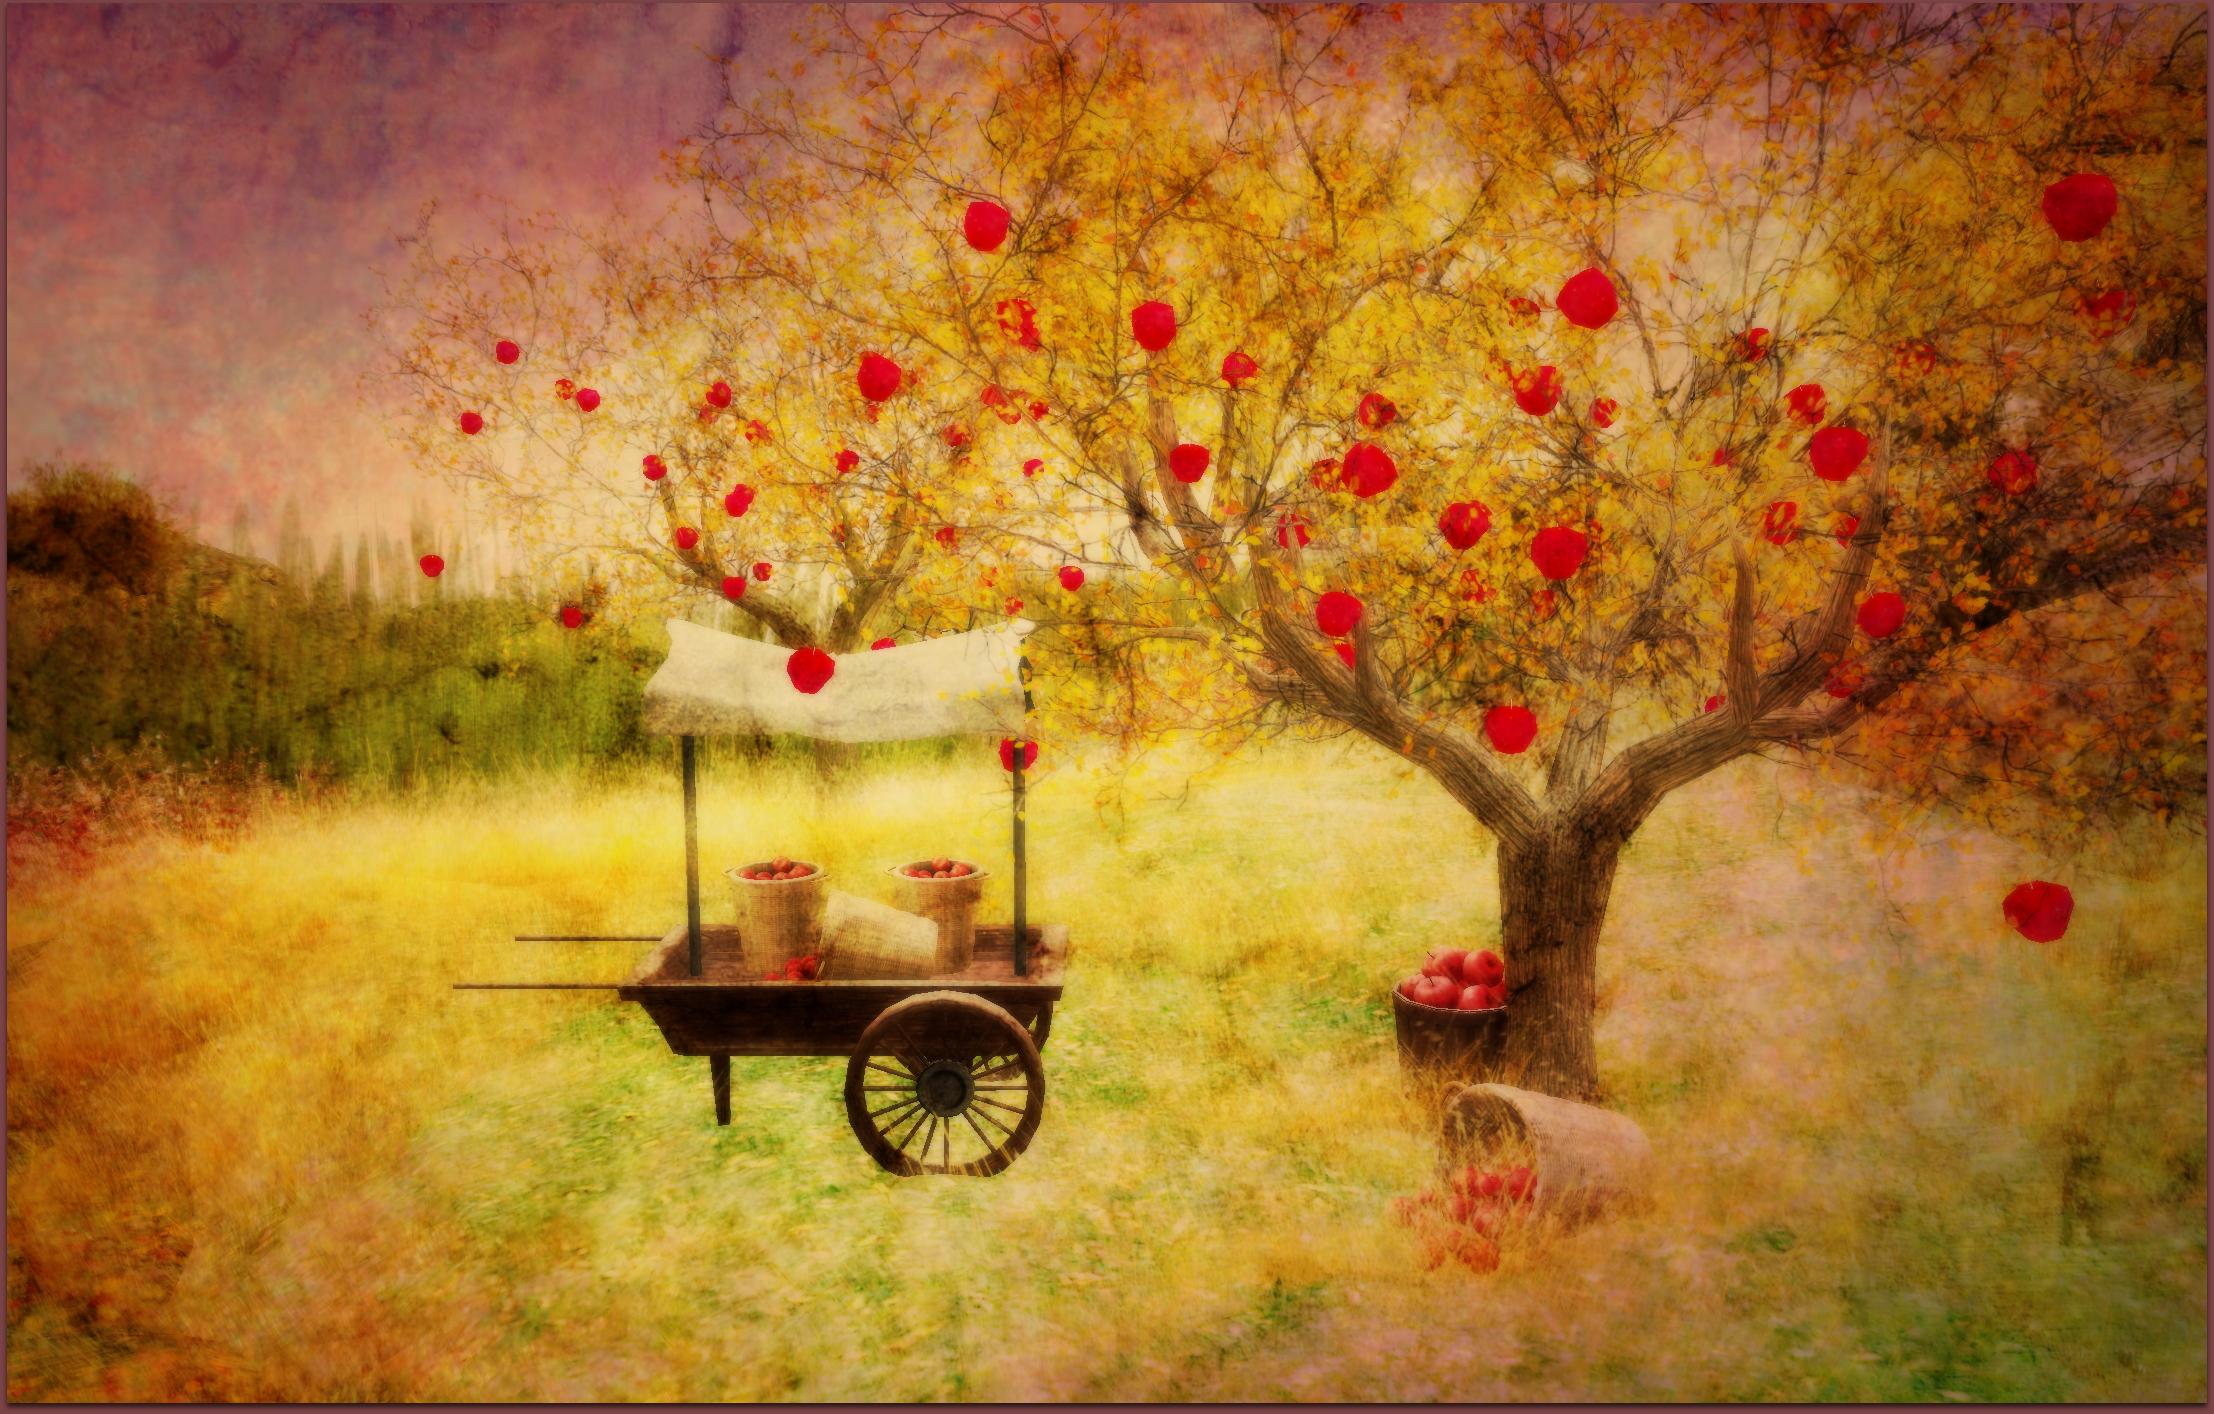 Masaüstü Manzara Boyama şube Elmalar Doku çiçeği Sanat Ağaç